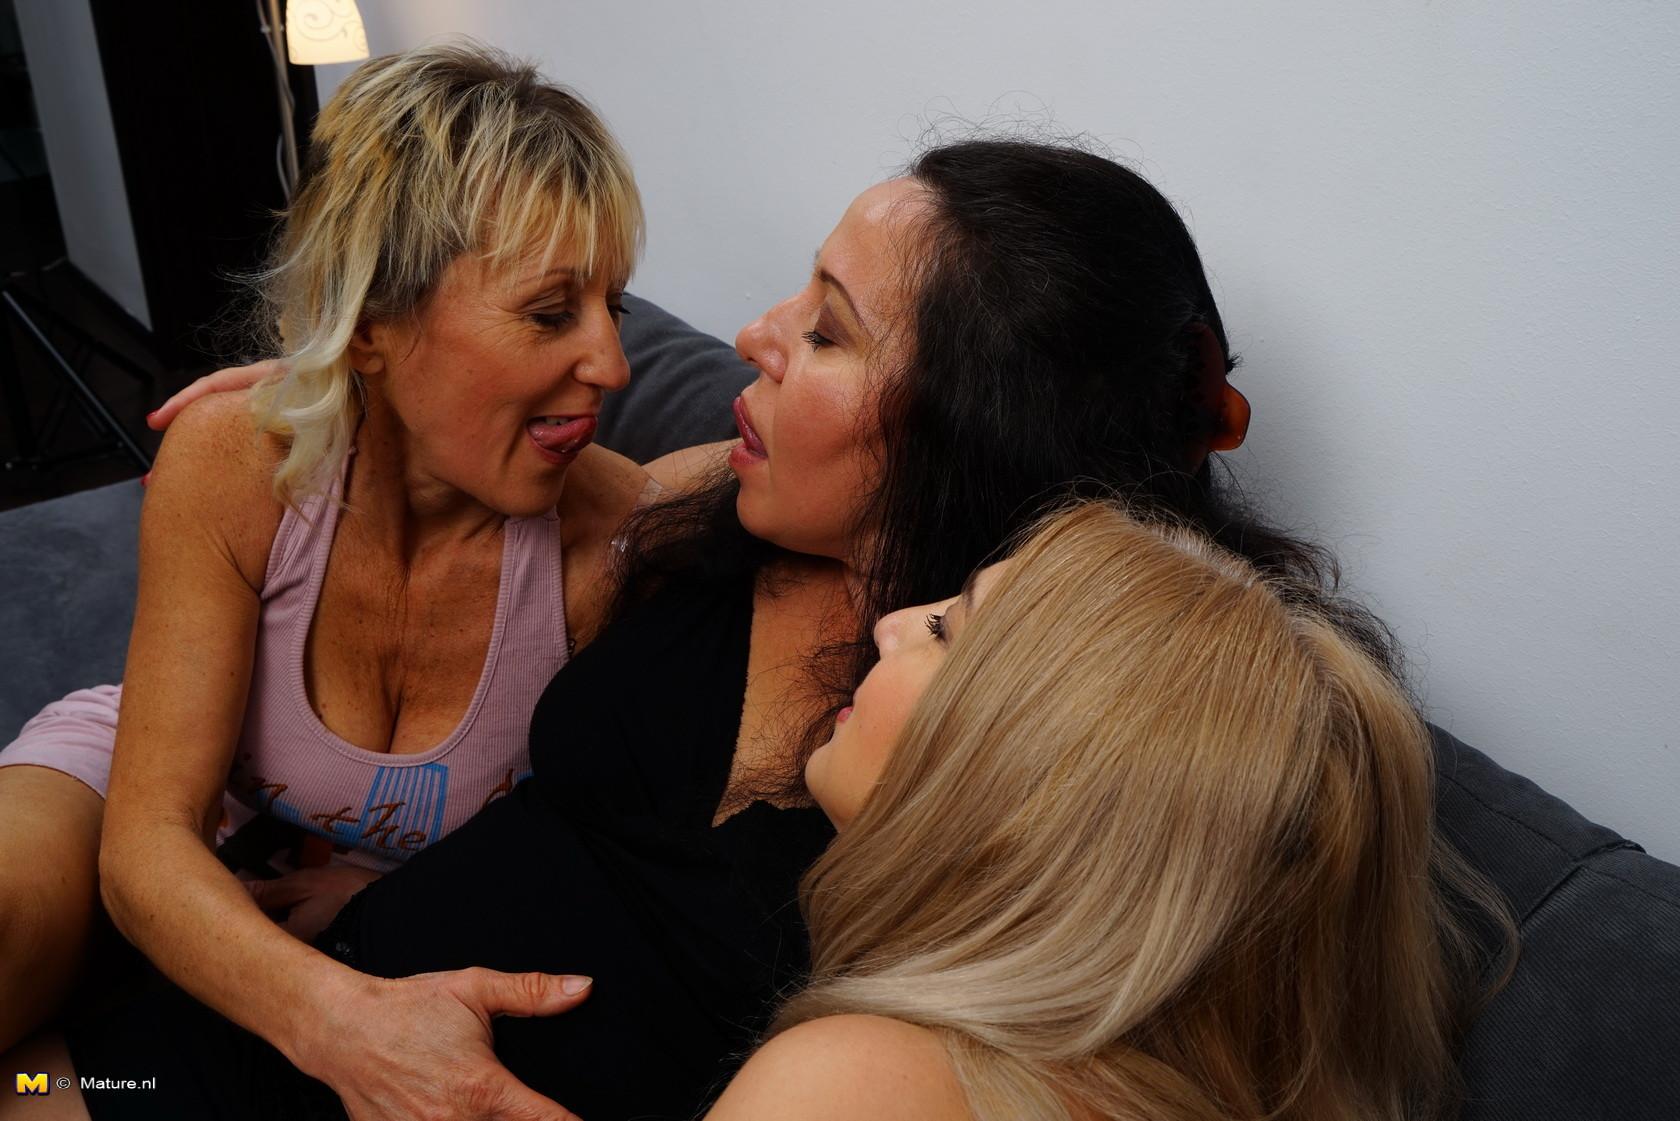 Три дамочки решают развлечься в обществе друг друга, позволяя себе воплощать все фантазии